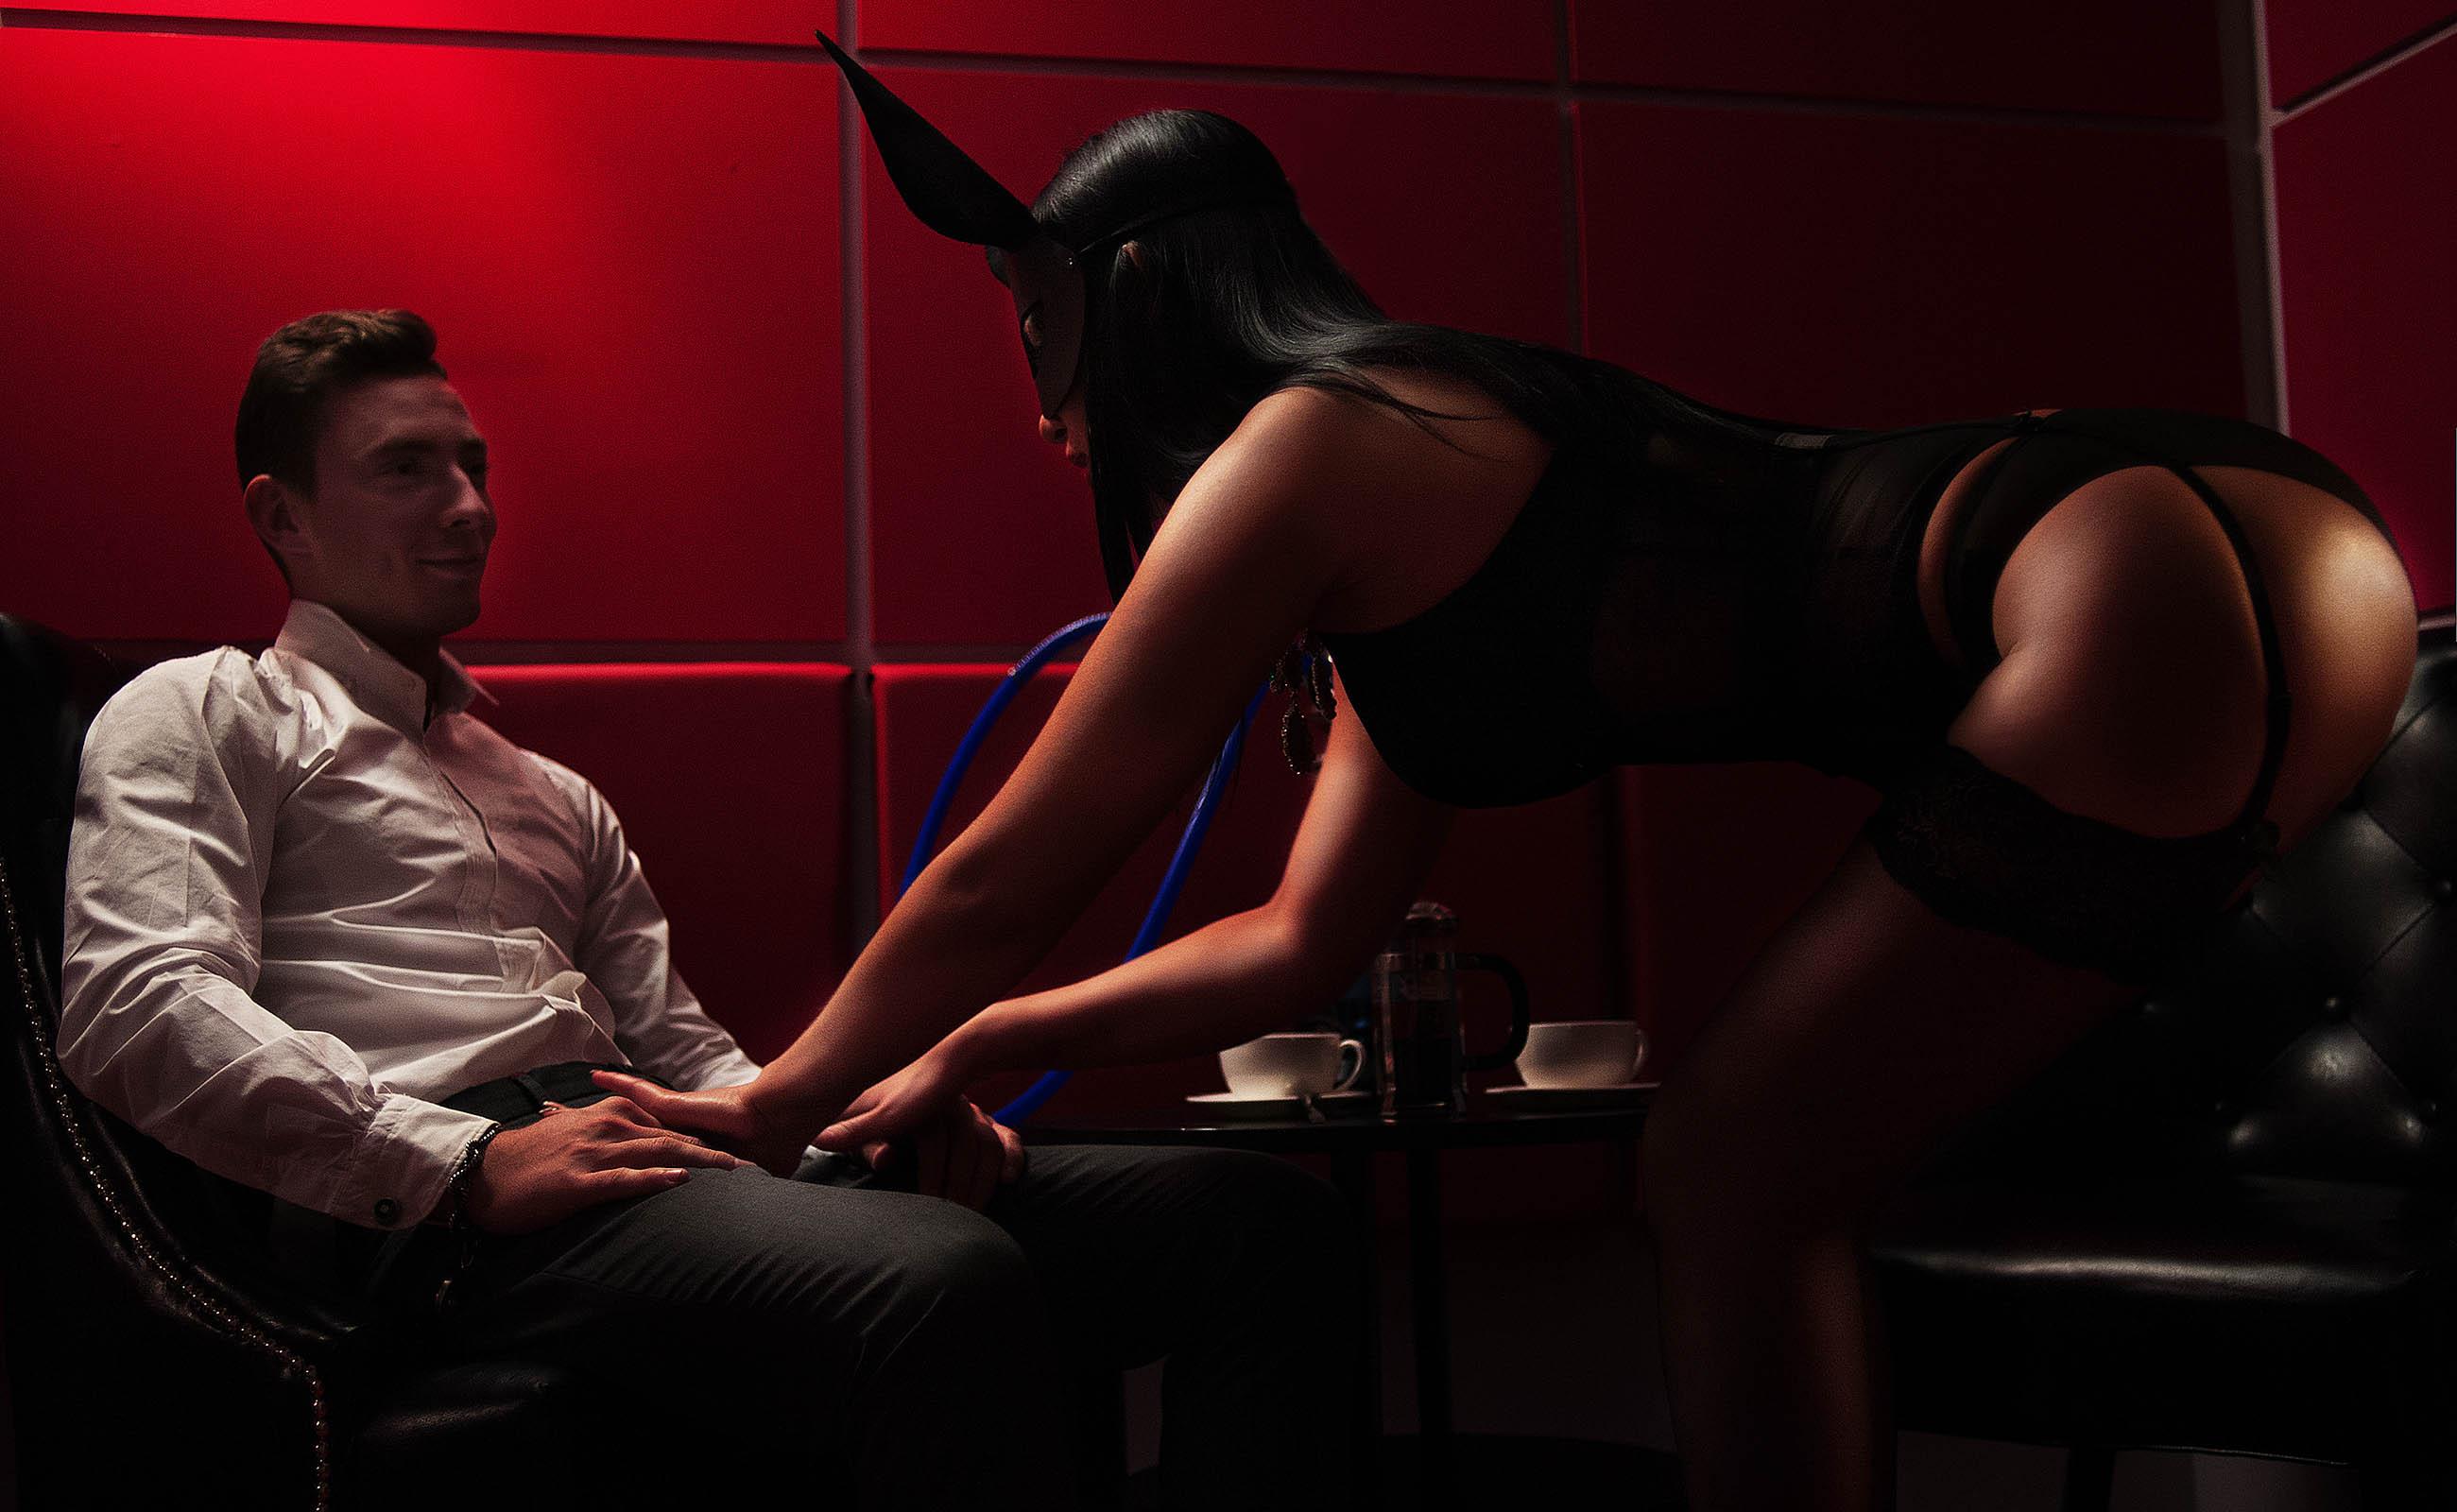 salon-muzhskogo-eroticheskogo-massazha